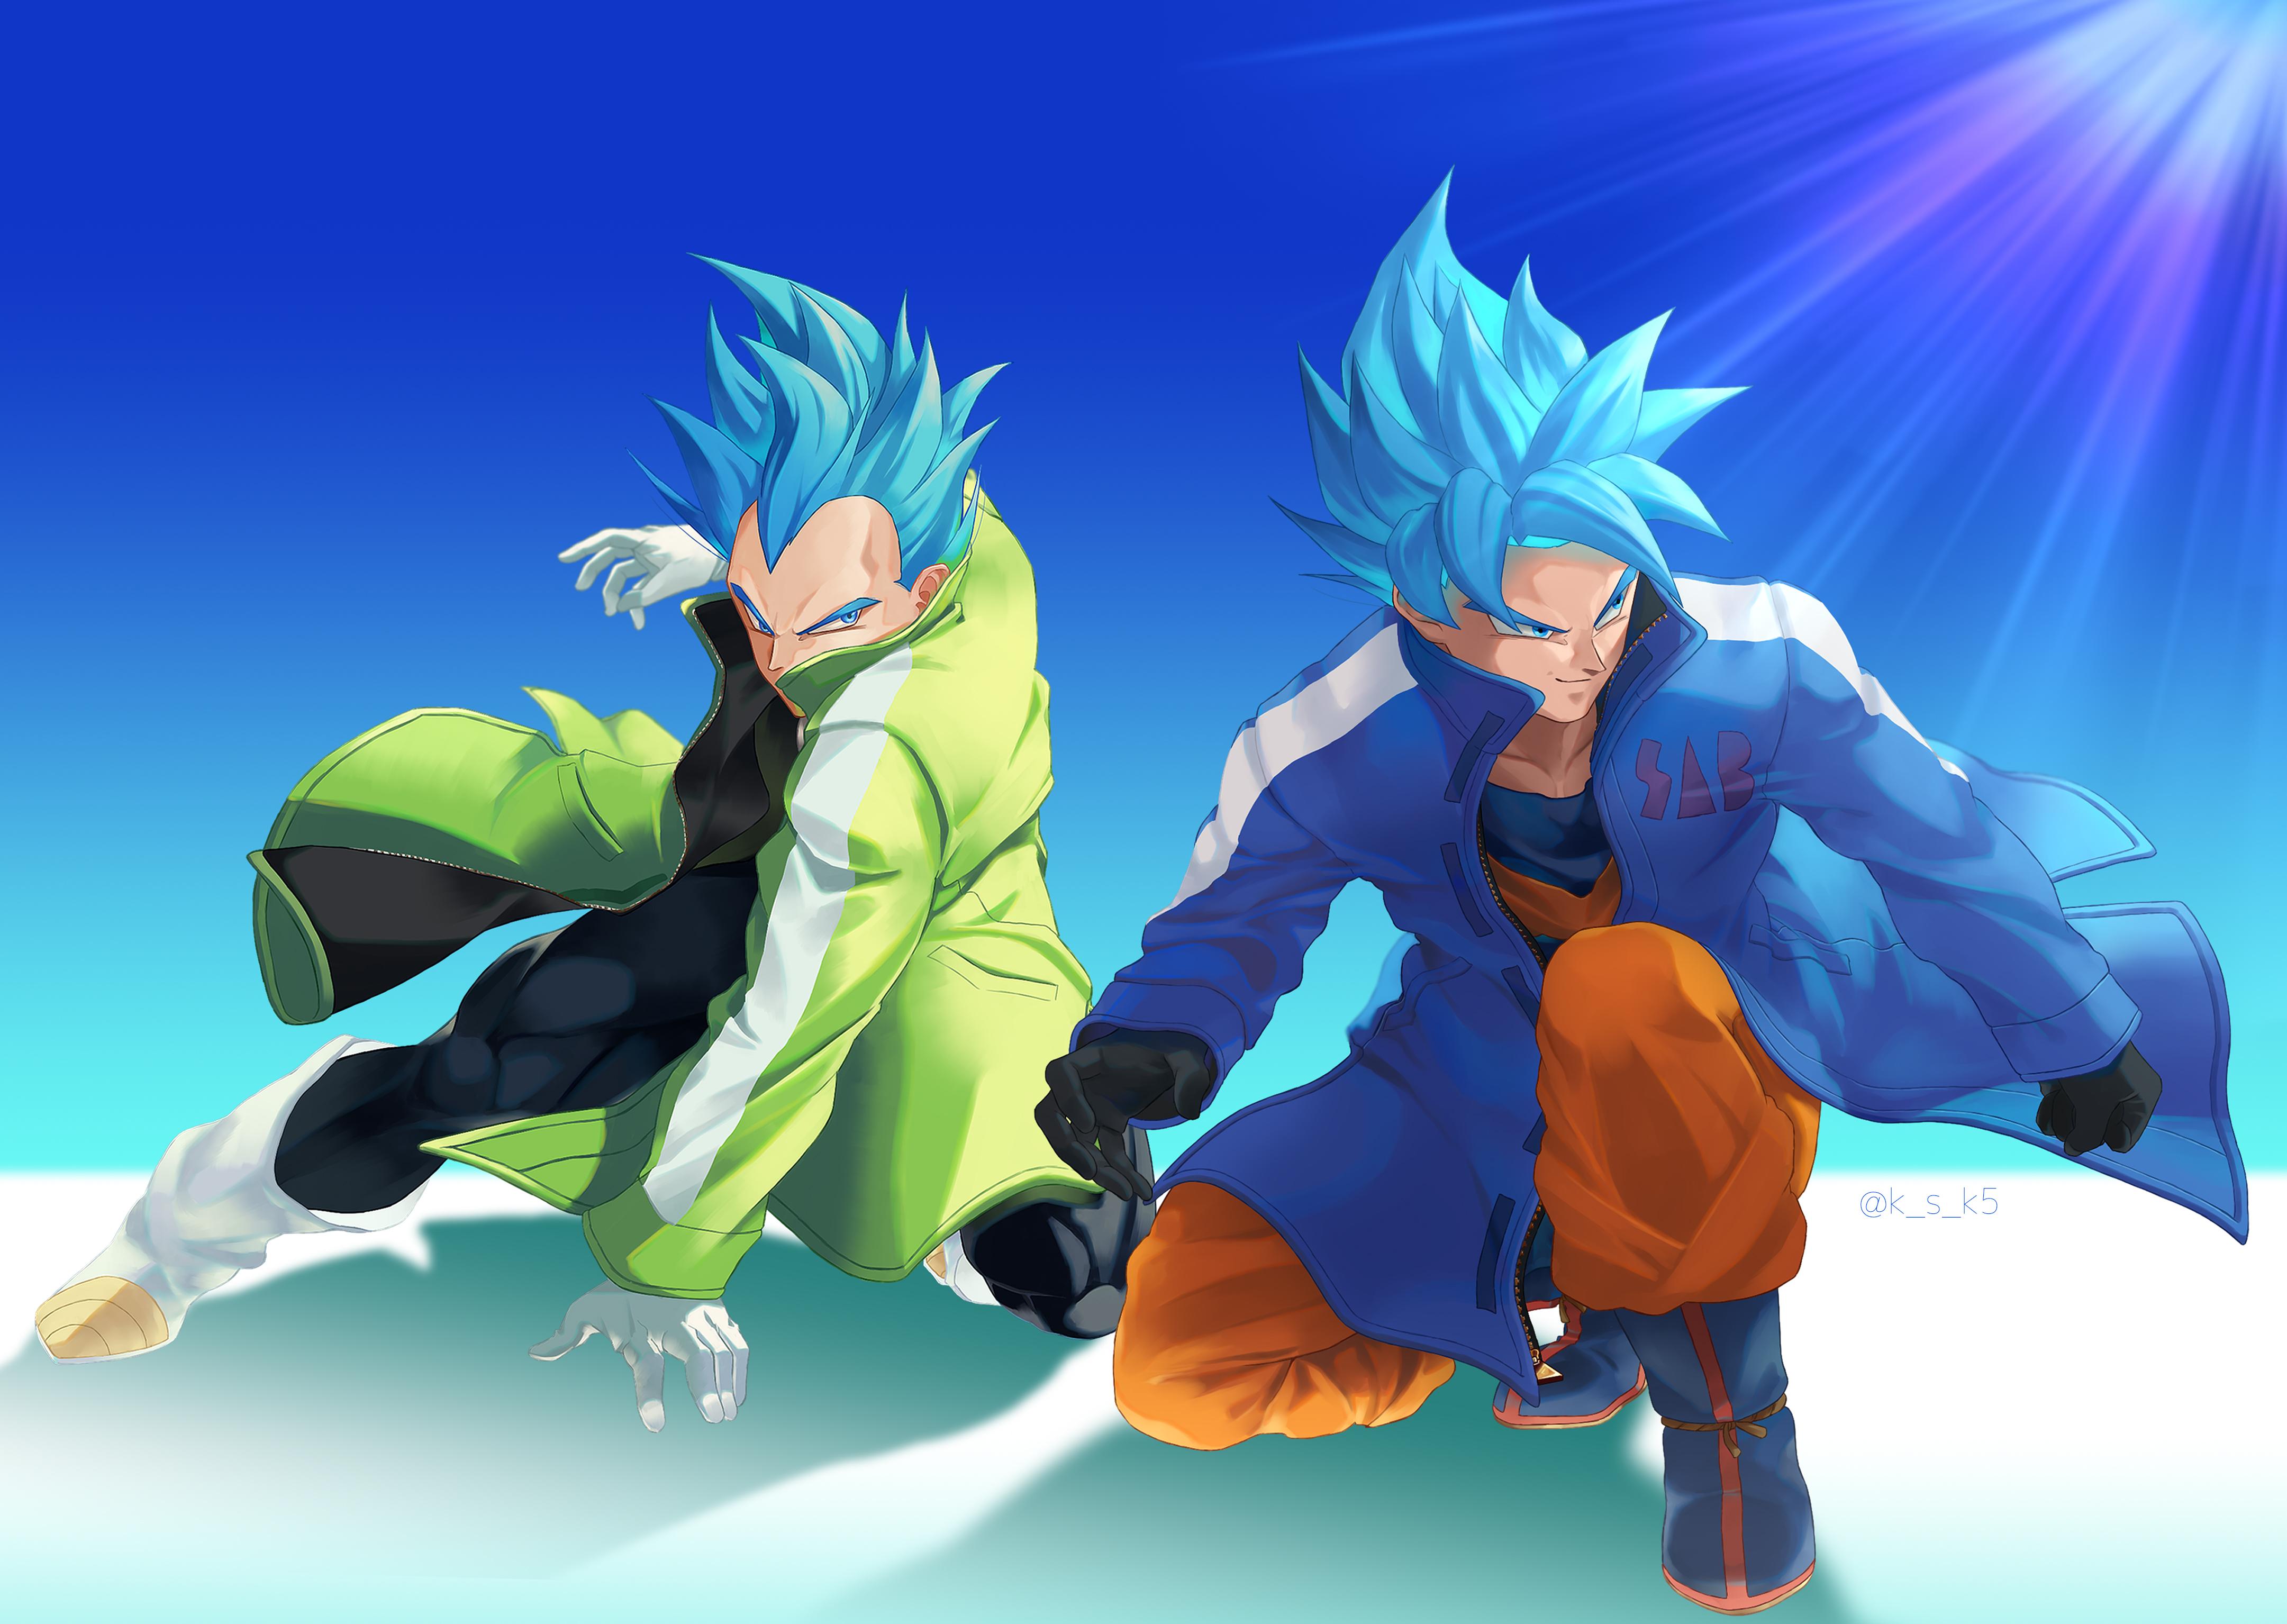 Goku And Vegeta Super Broly 4322x3069 Wallpaper Teahub Io